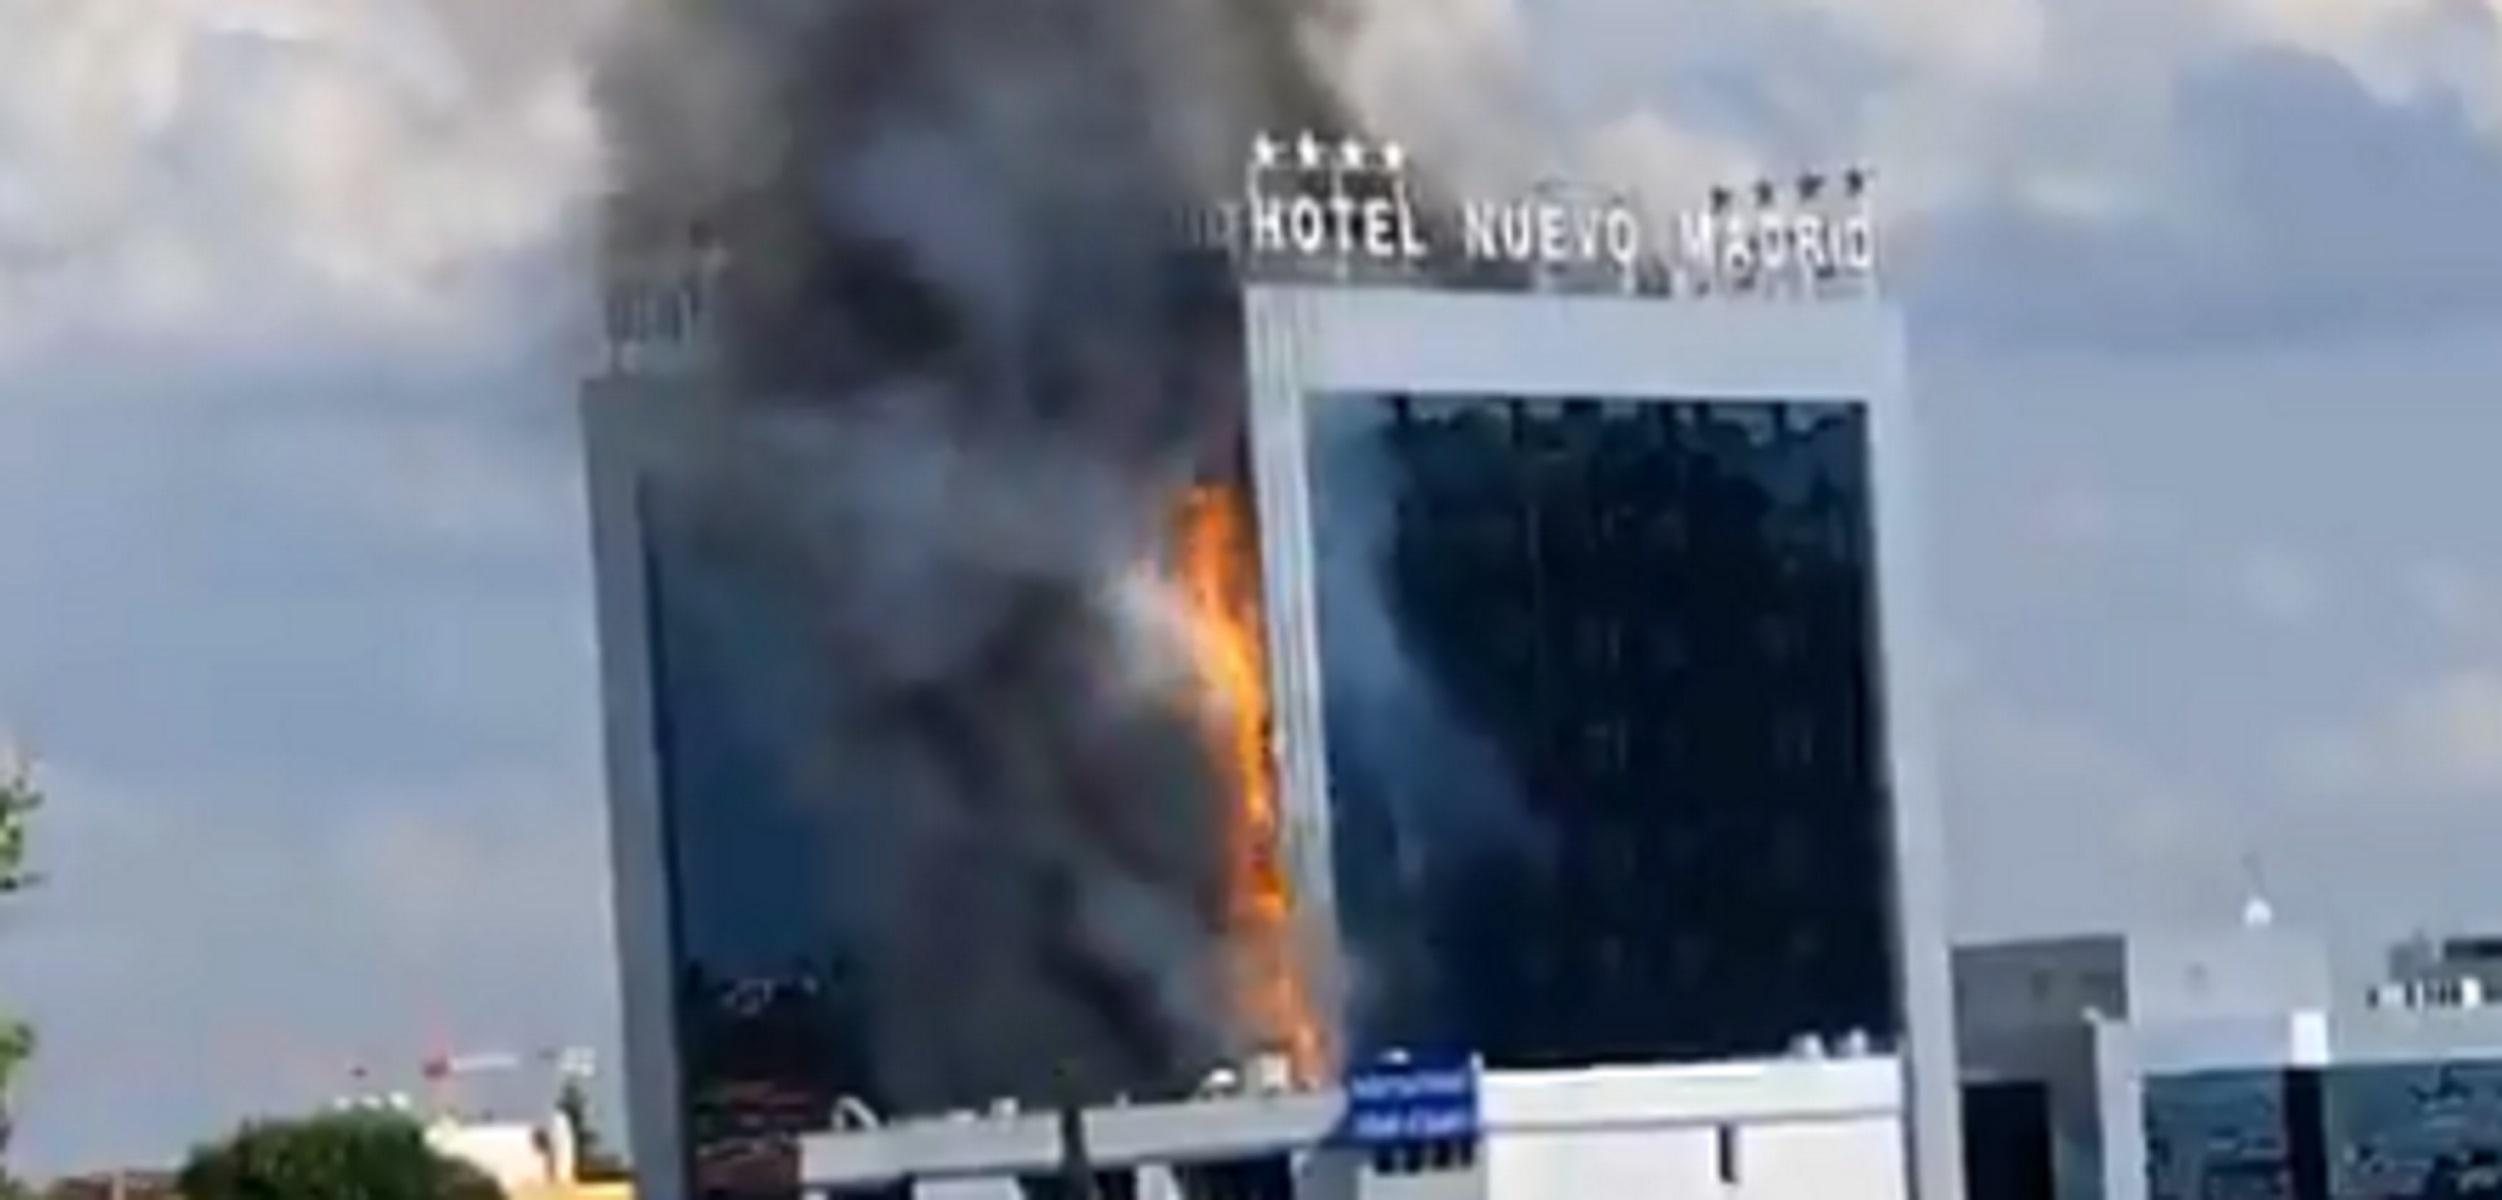 Μεγάλη φωτιά σε ξενοδοχείο στη Μαδρίτη